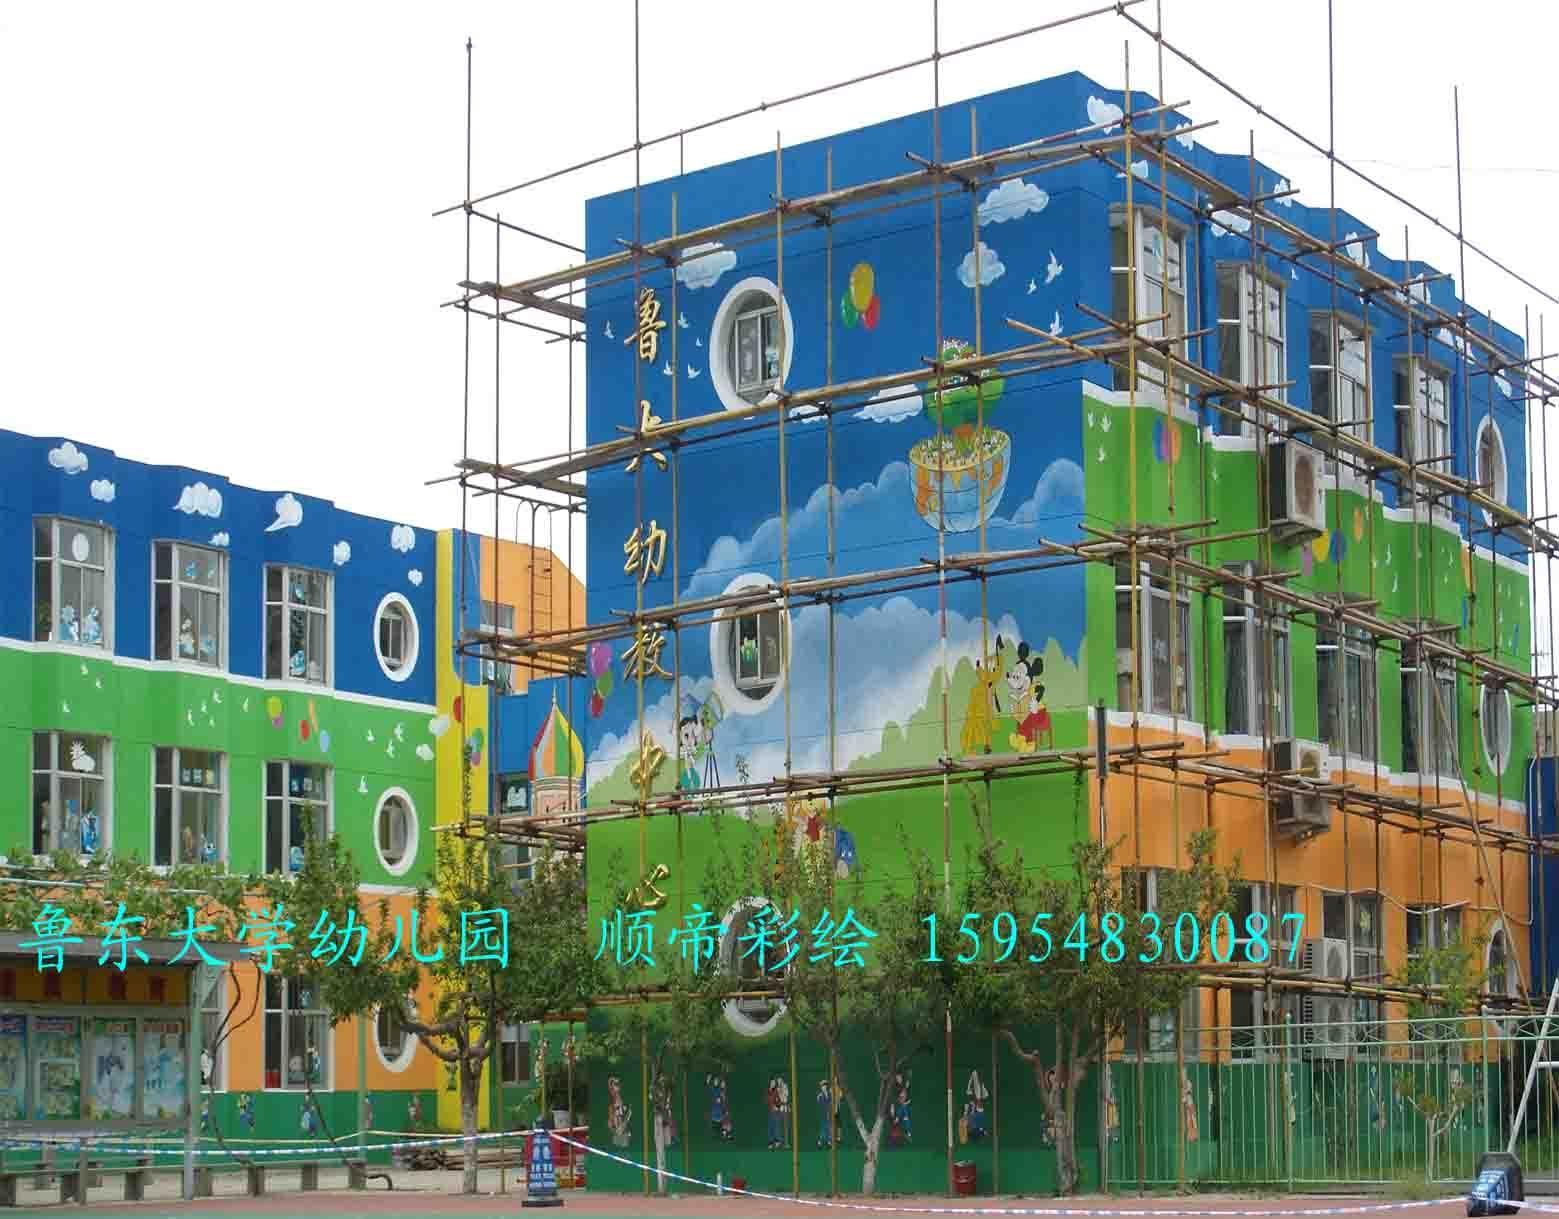 专业绘制各种幼儿园室内外墙画彩绘工程